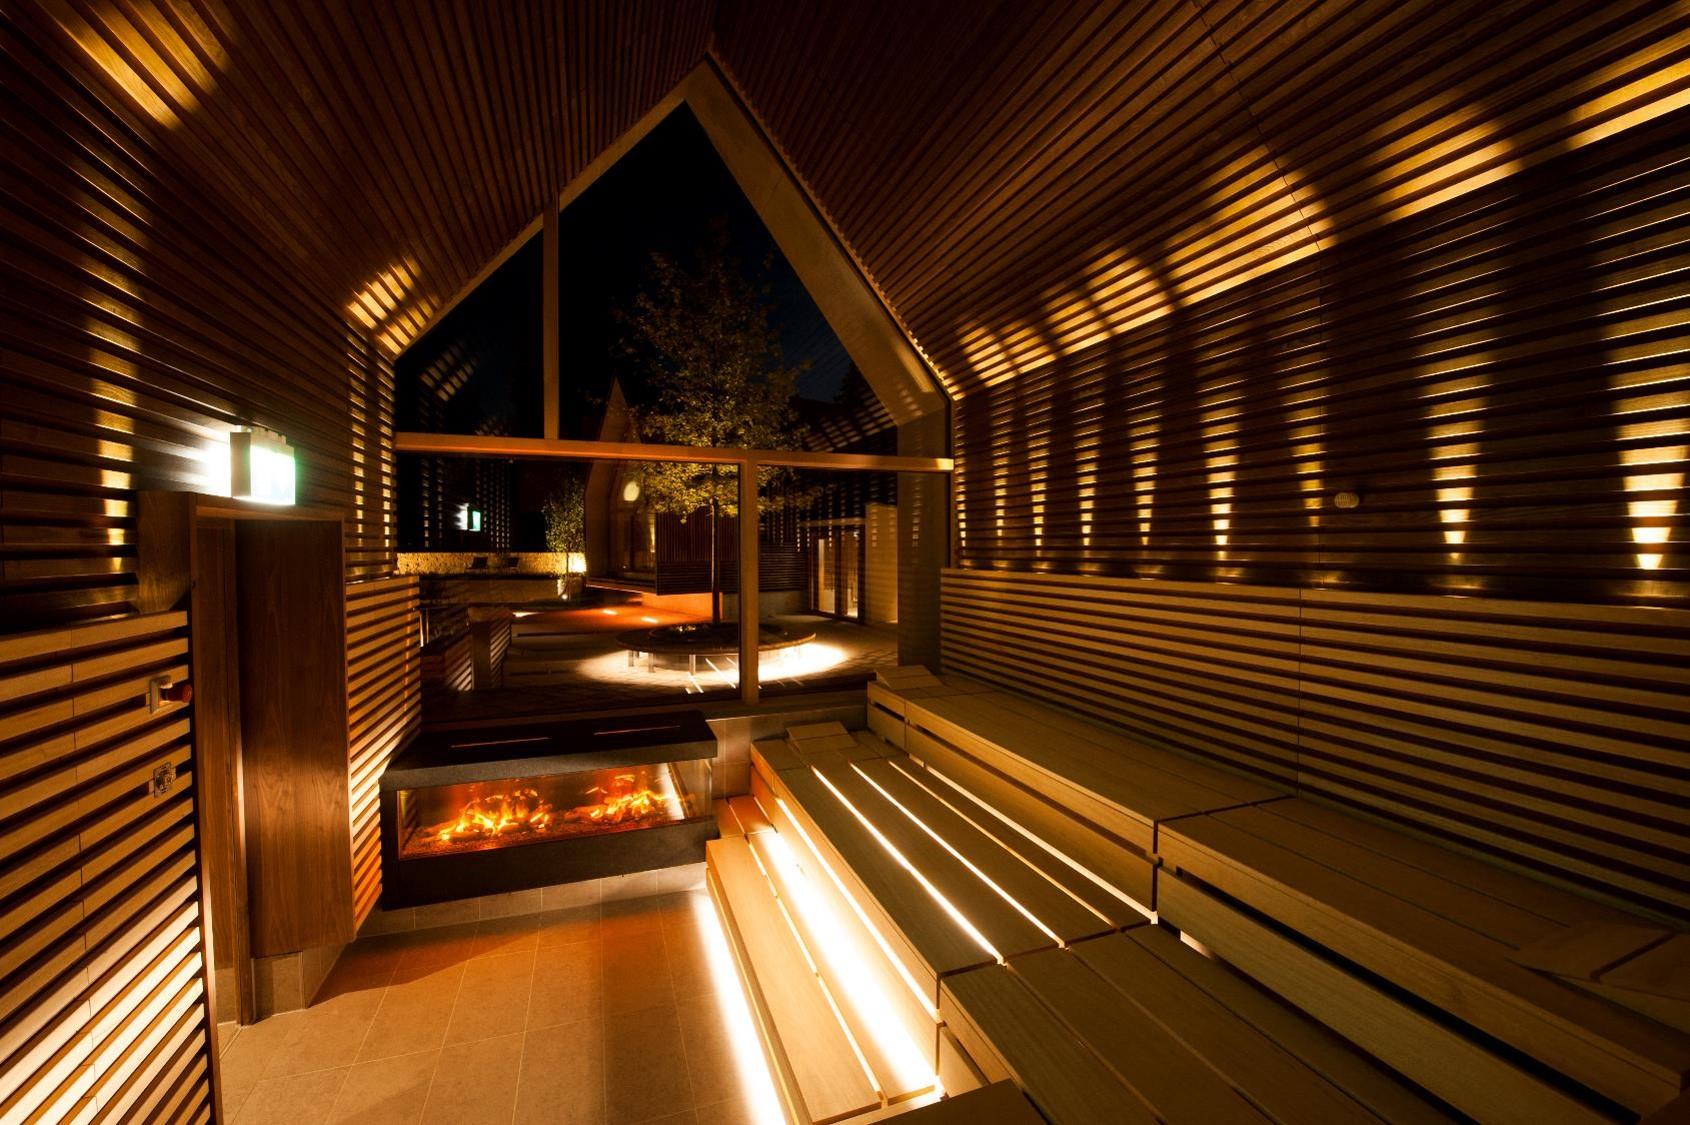 rf bau. Black Bedroom Furniture Sets. Home Design Ideas